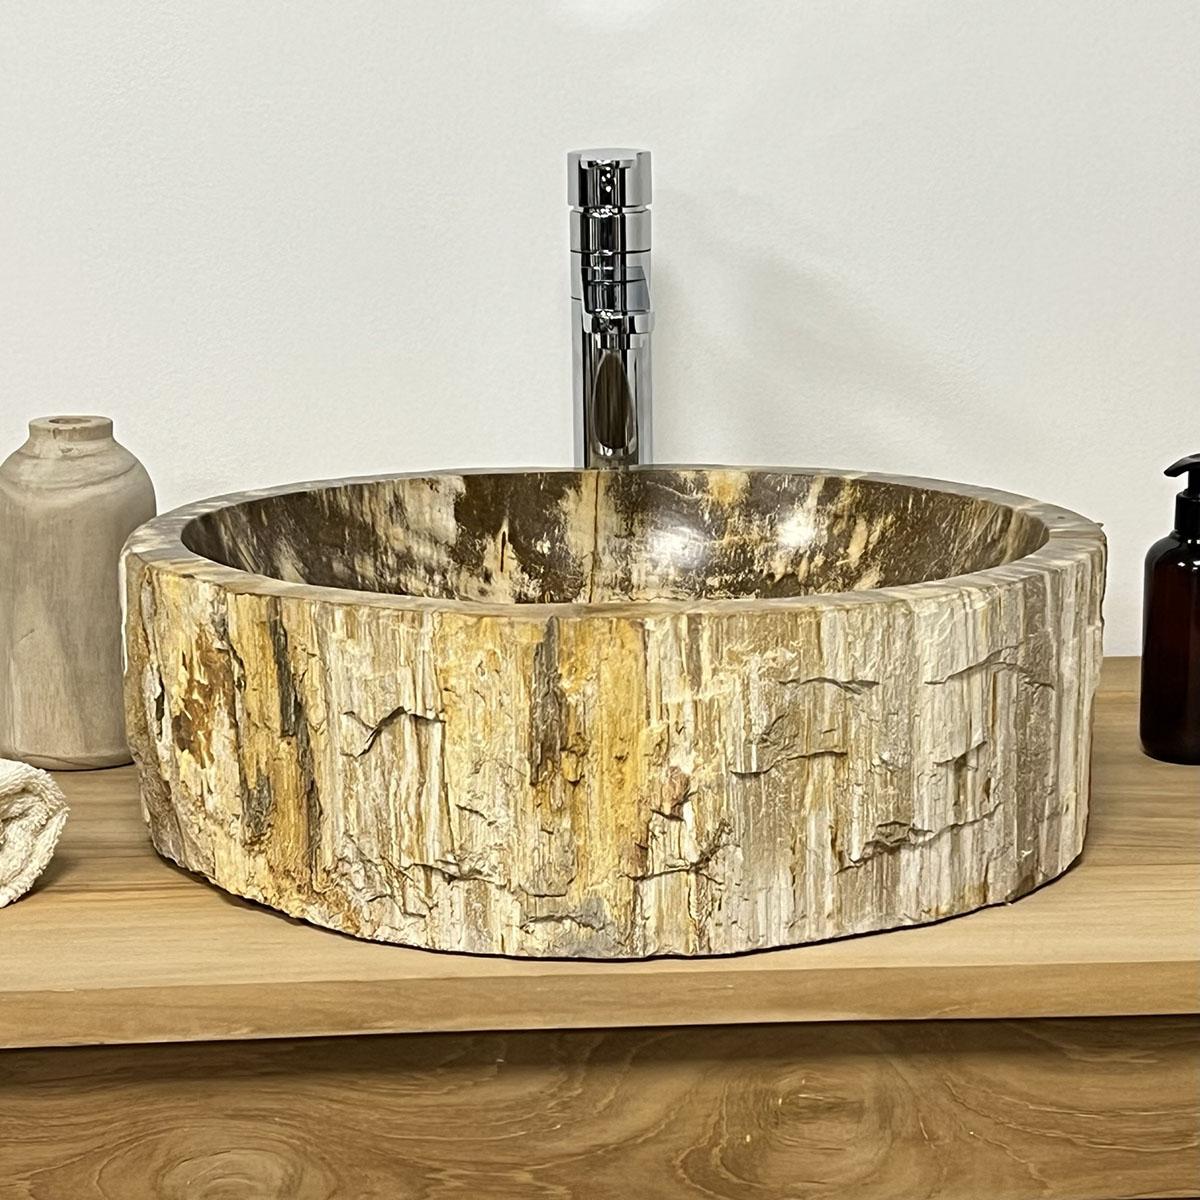 vasque beige salle de bain Double vasques de salle de bain en bois pétrifié fossilisé 45 CM